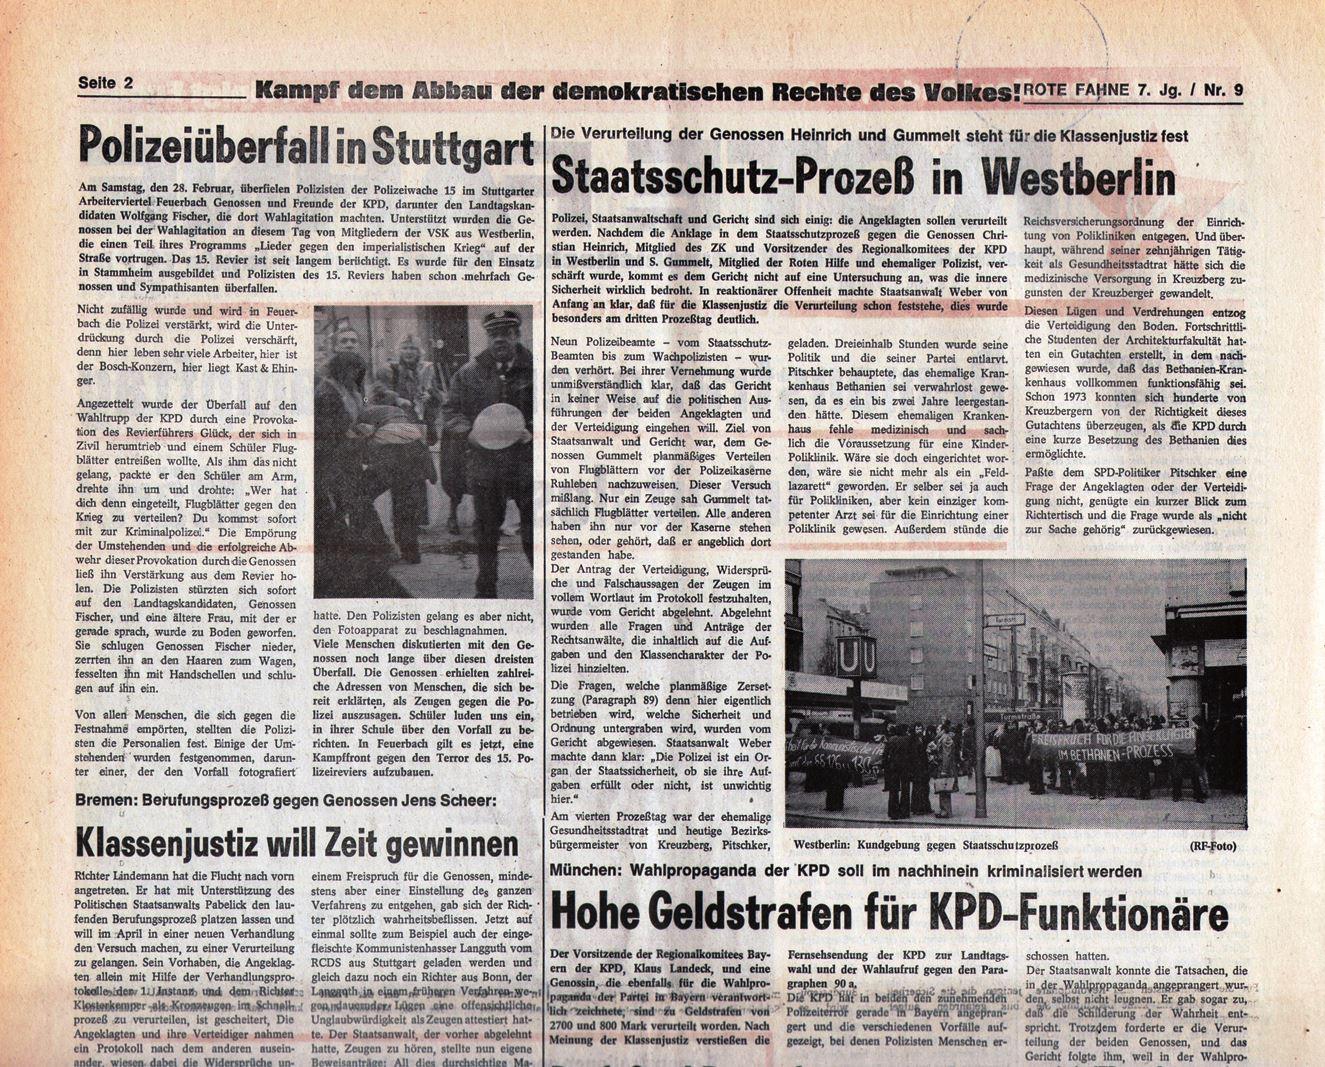 KPD_Rote_Fahne_1976_09_03